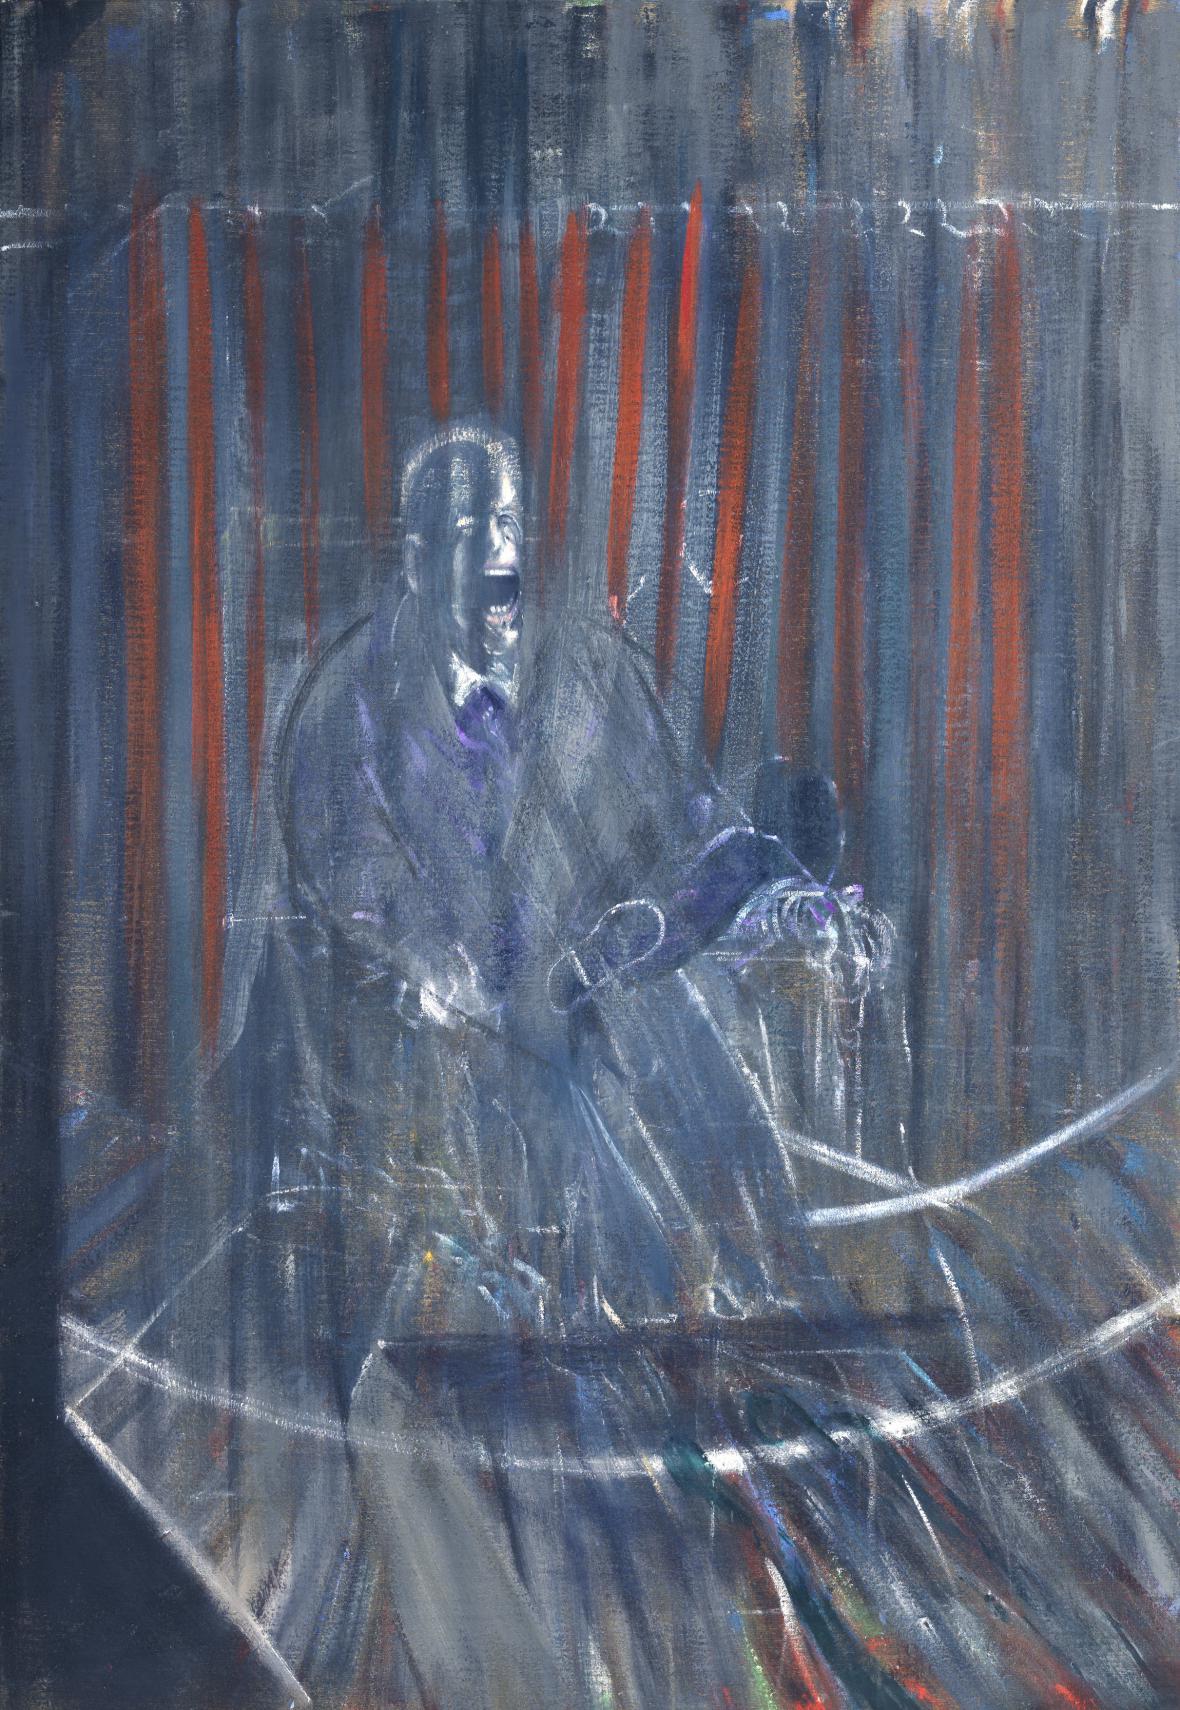 Francis Bacon / Studie podle Velázqueze, 1950